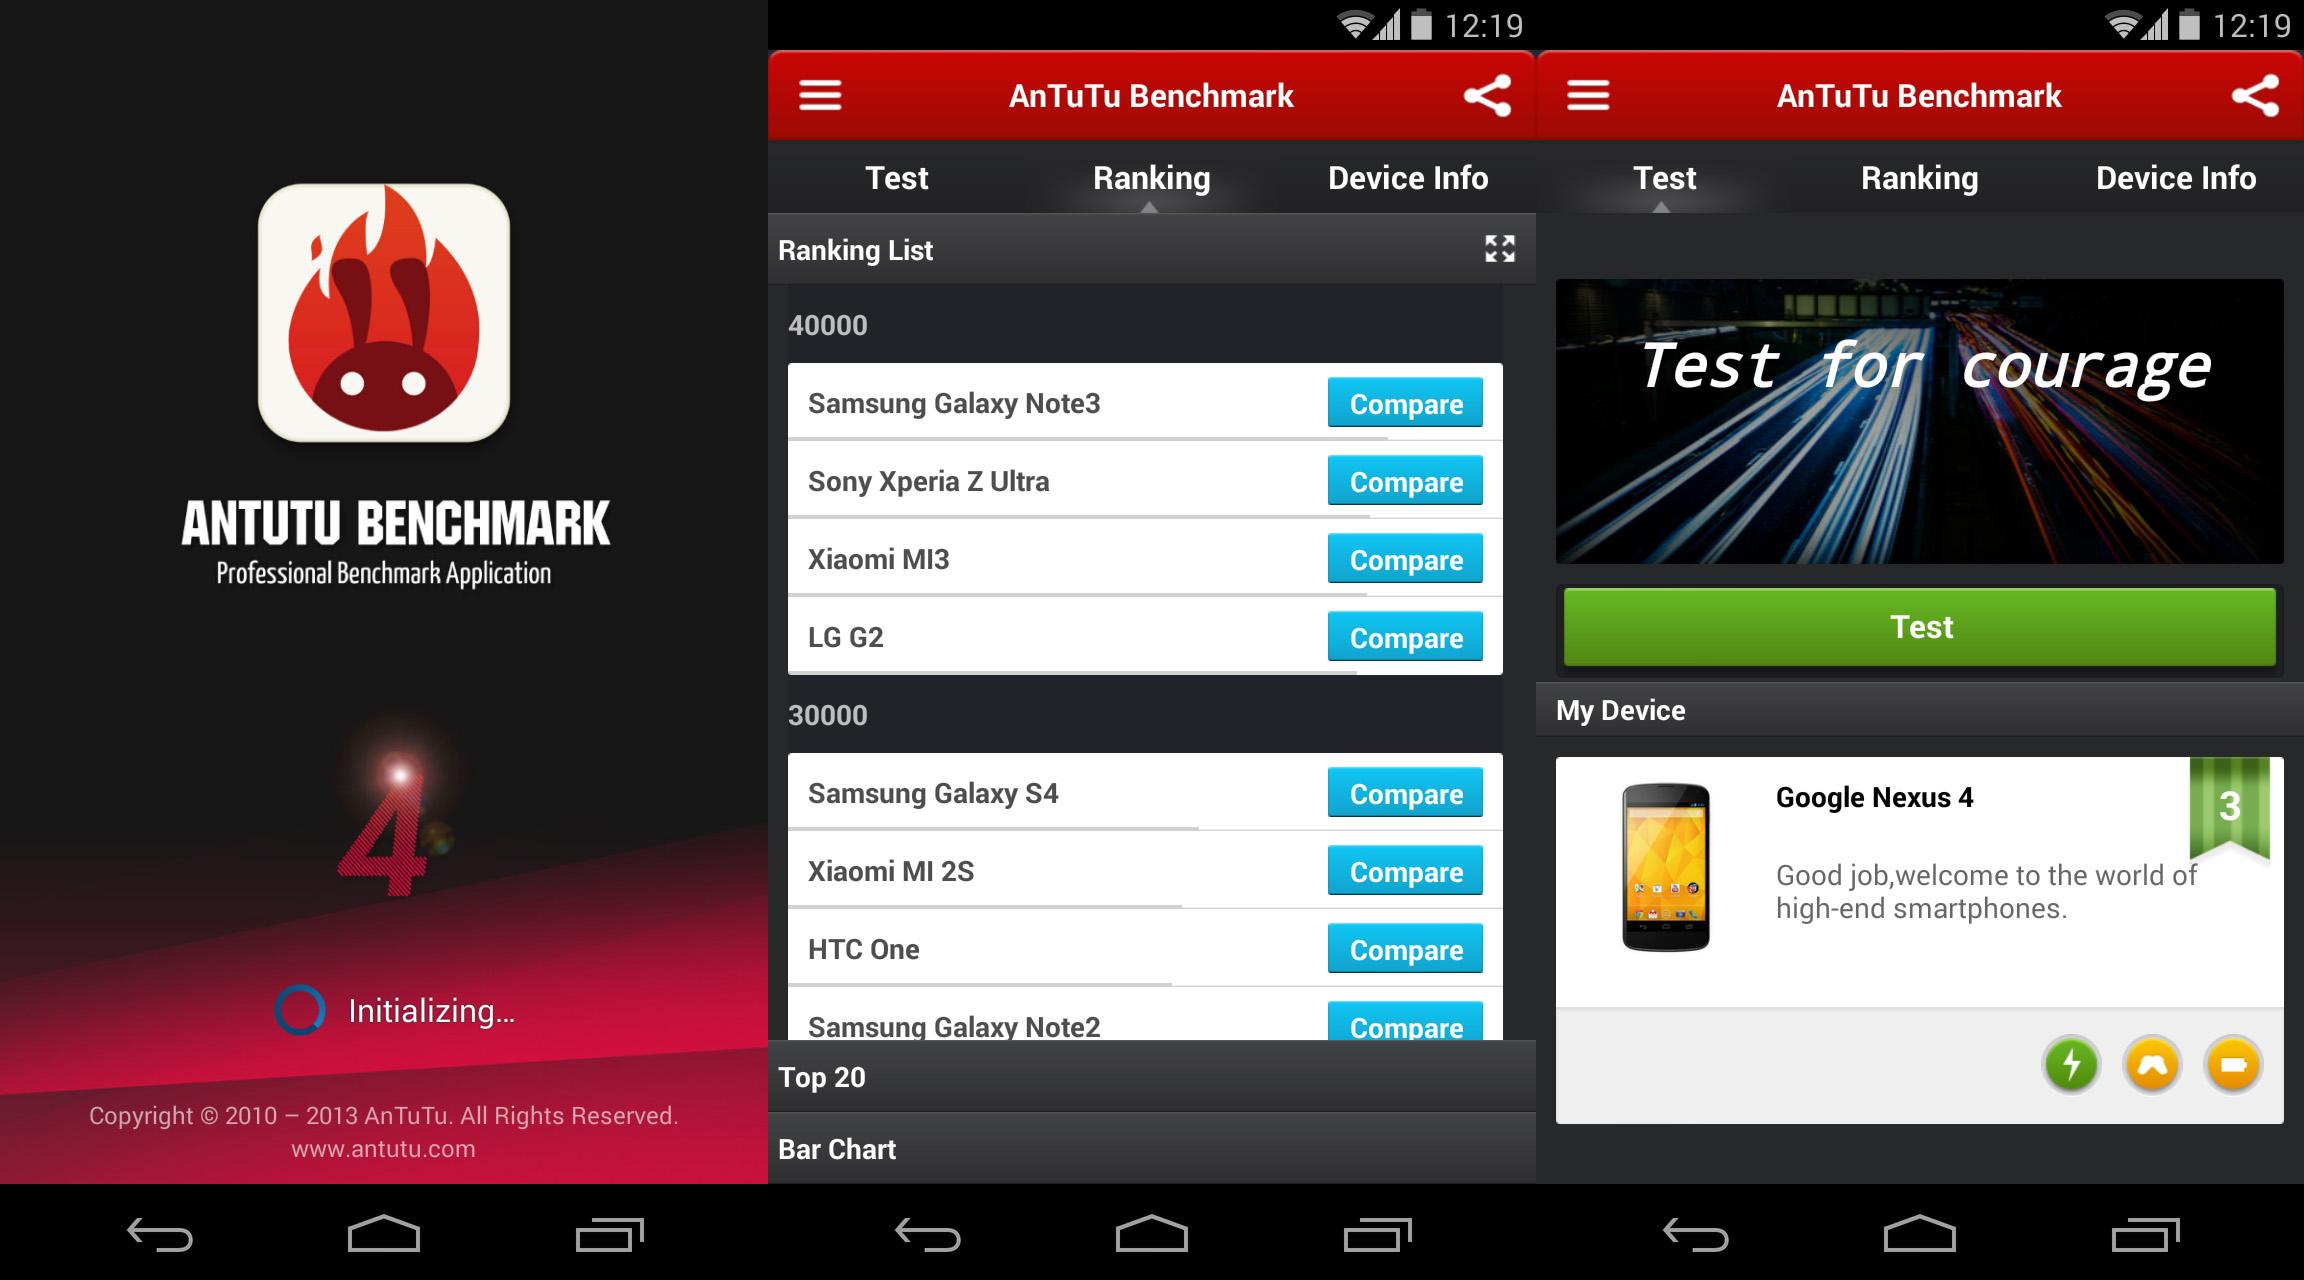 Hình ảnh 4 ứng dụng giúp kiểm tra triệt để phần cứng smartphone Android số 1